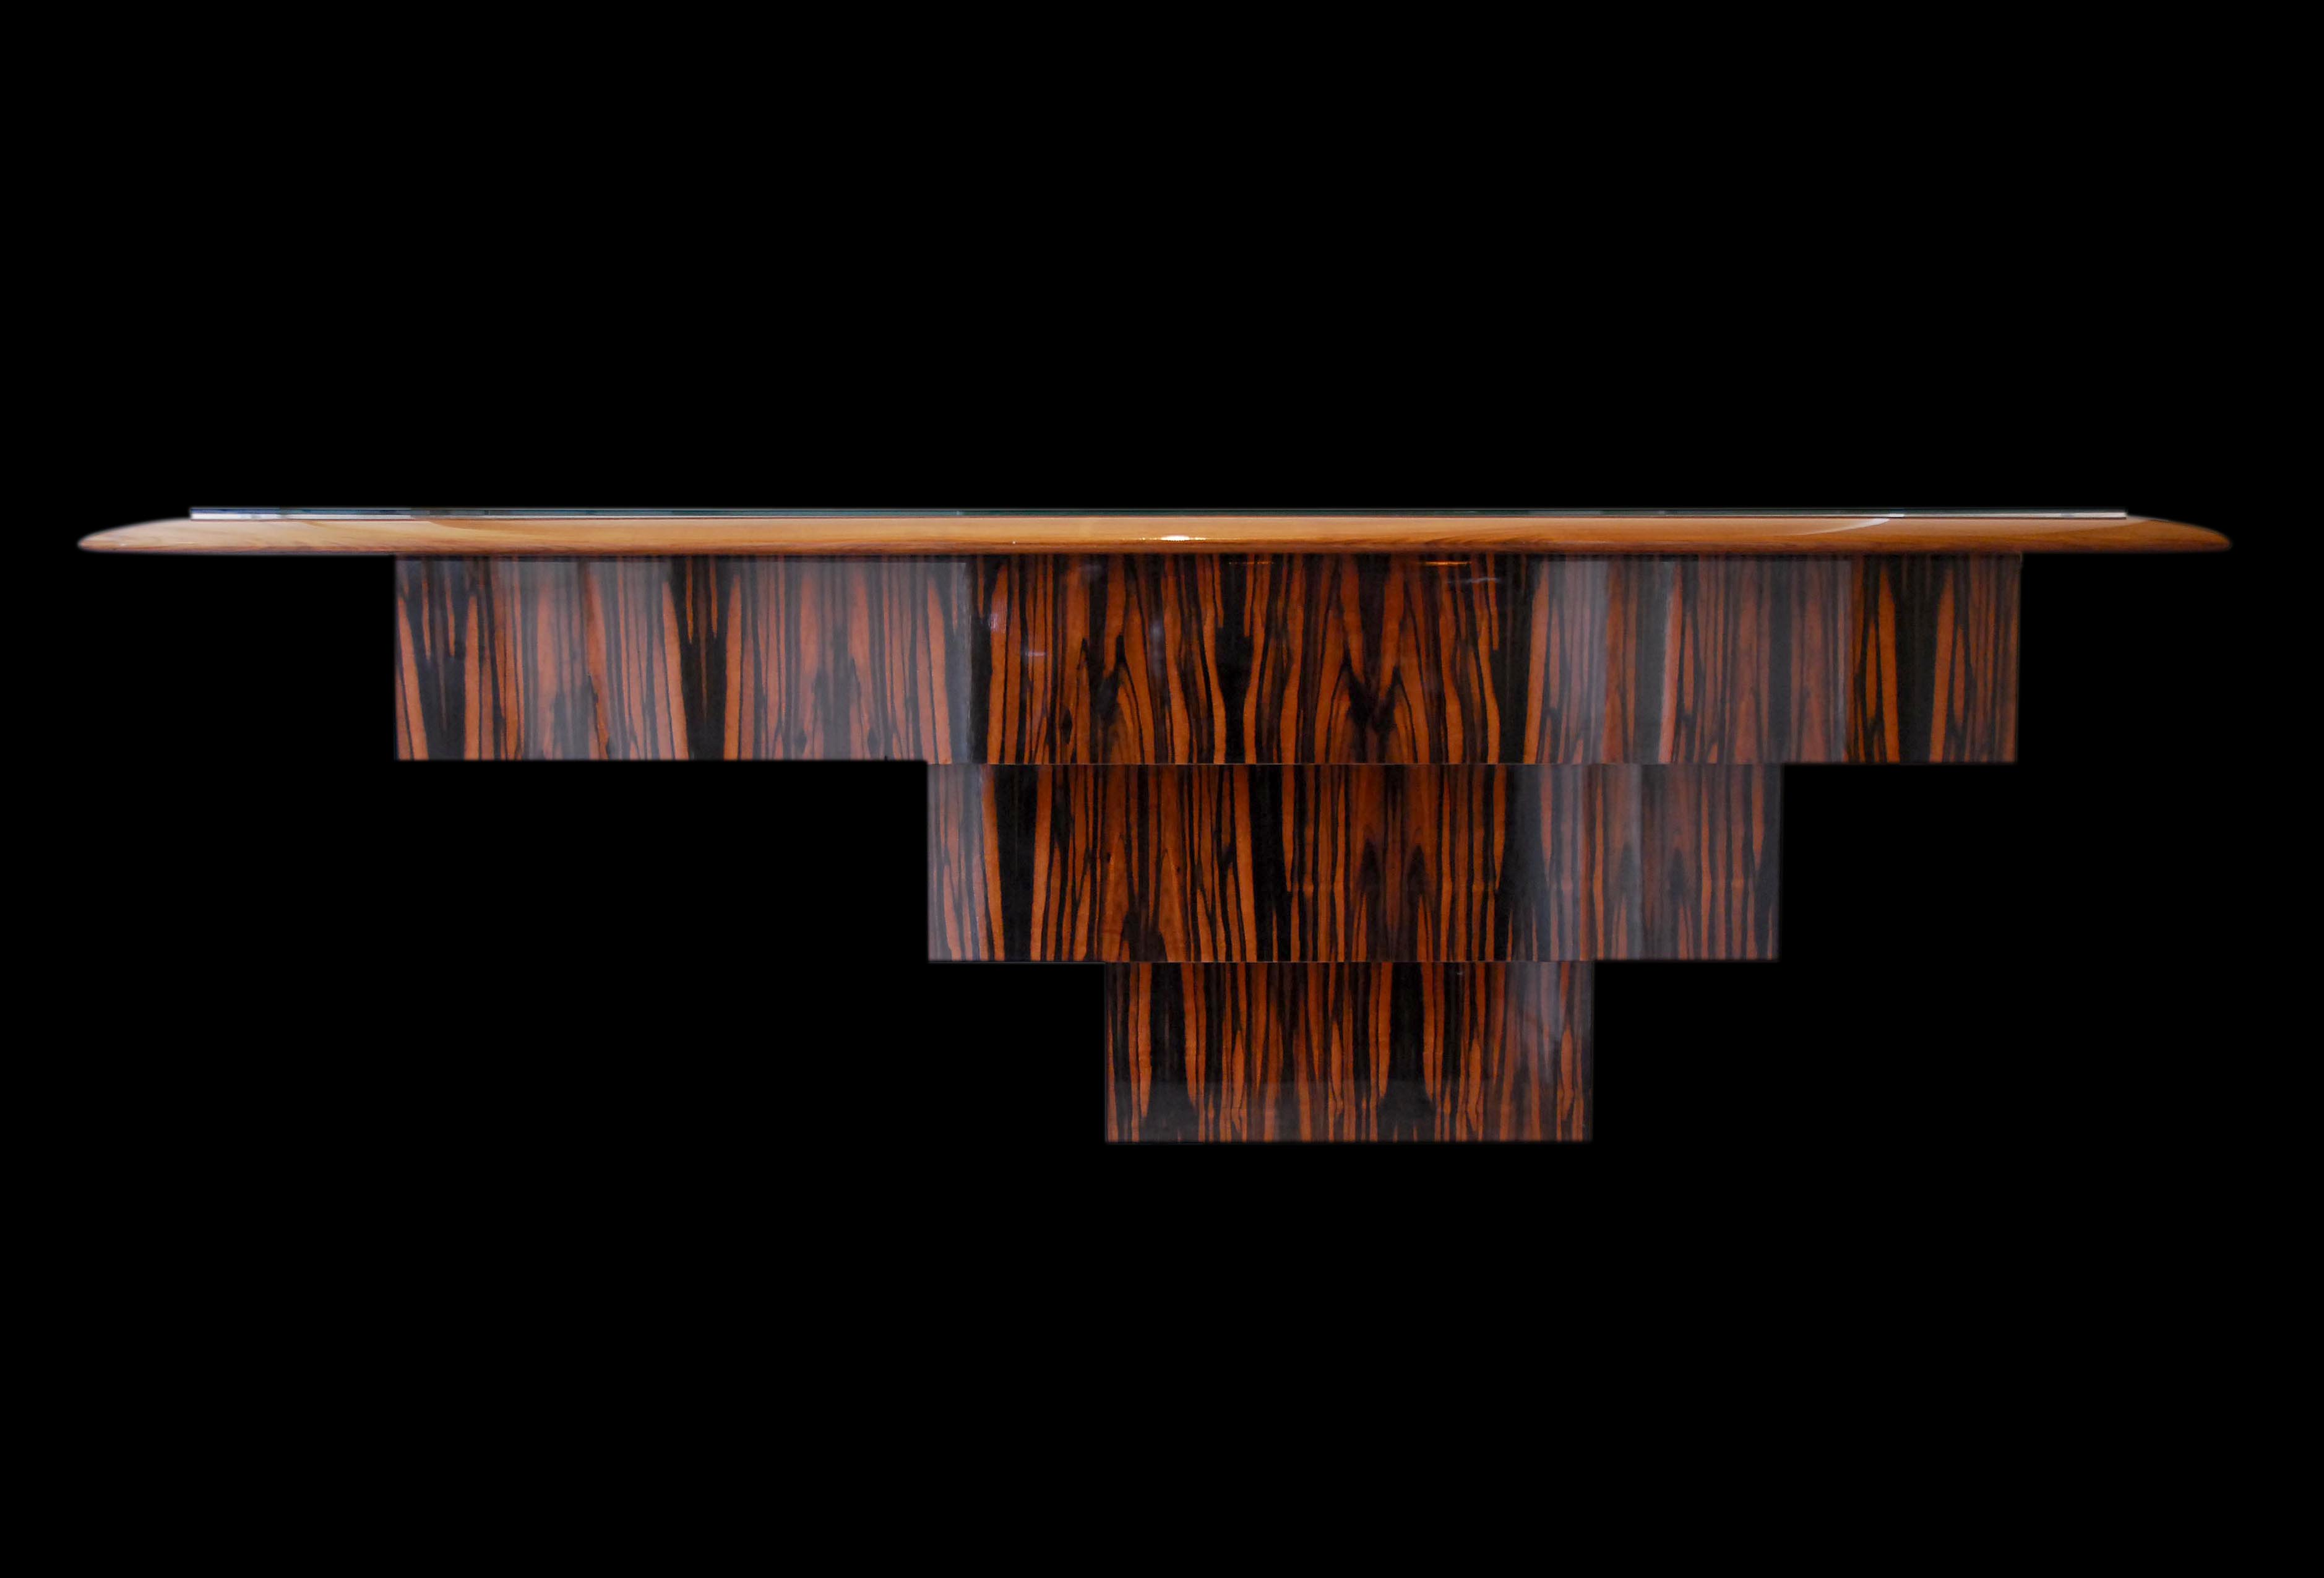 Philippe Bresson 2005, console pour le restaurant L'Ane rouge, dim. 2 m x 0,75 m x 0,45 m